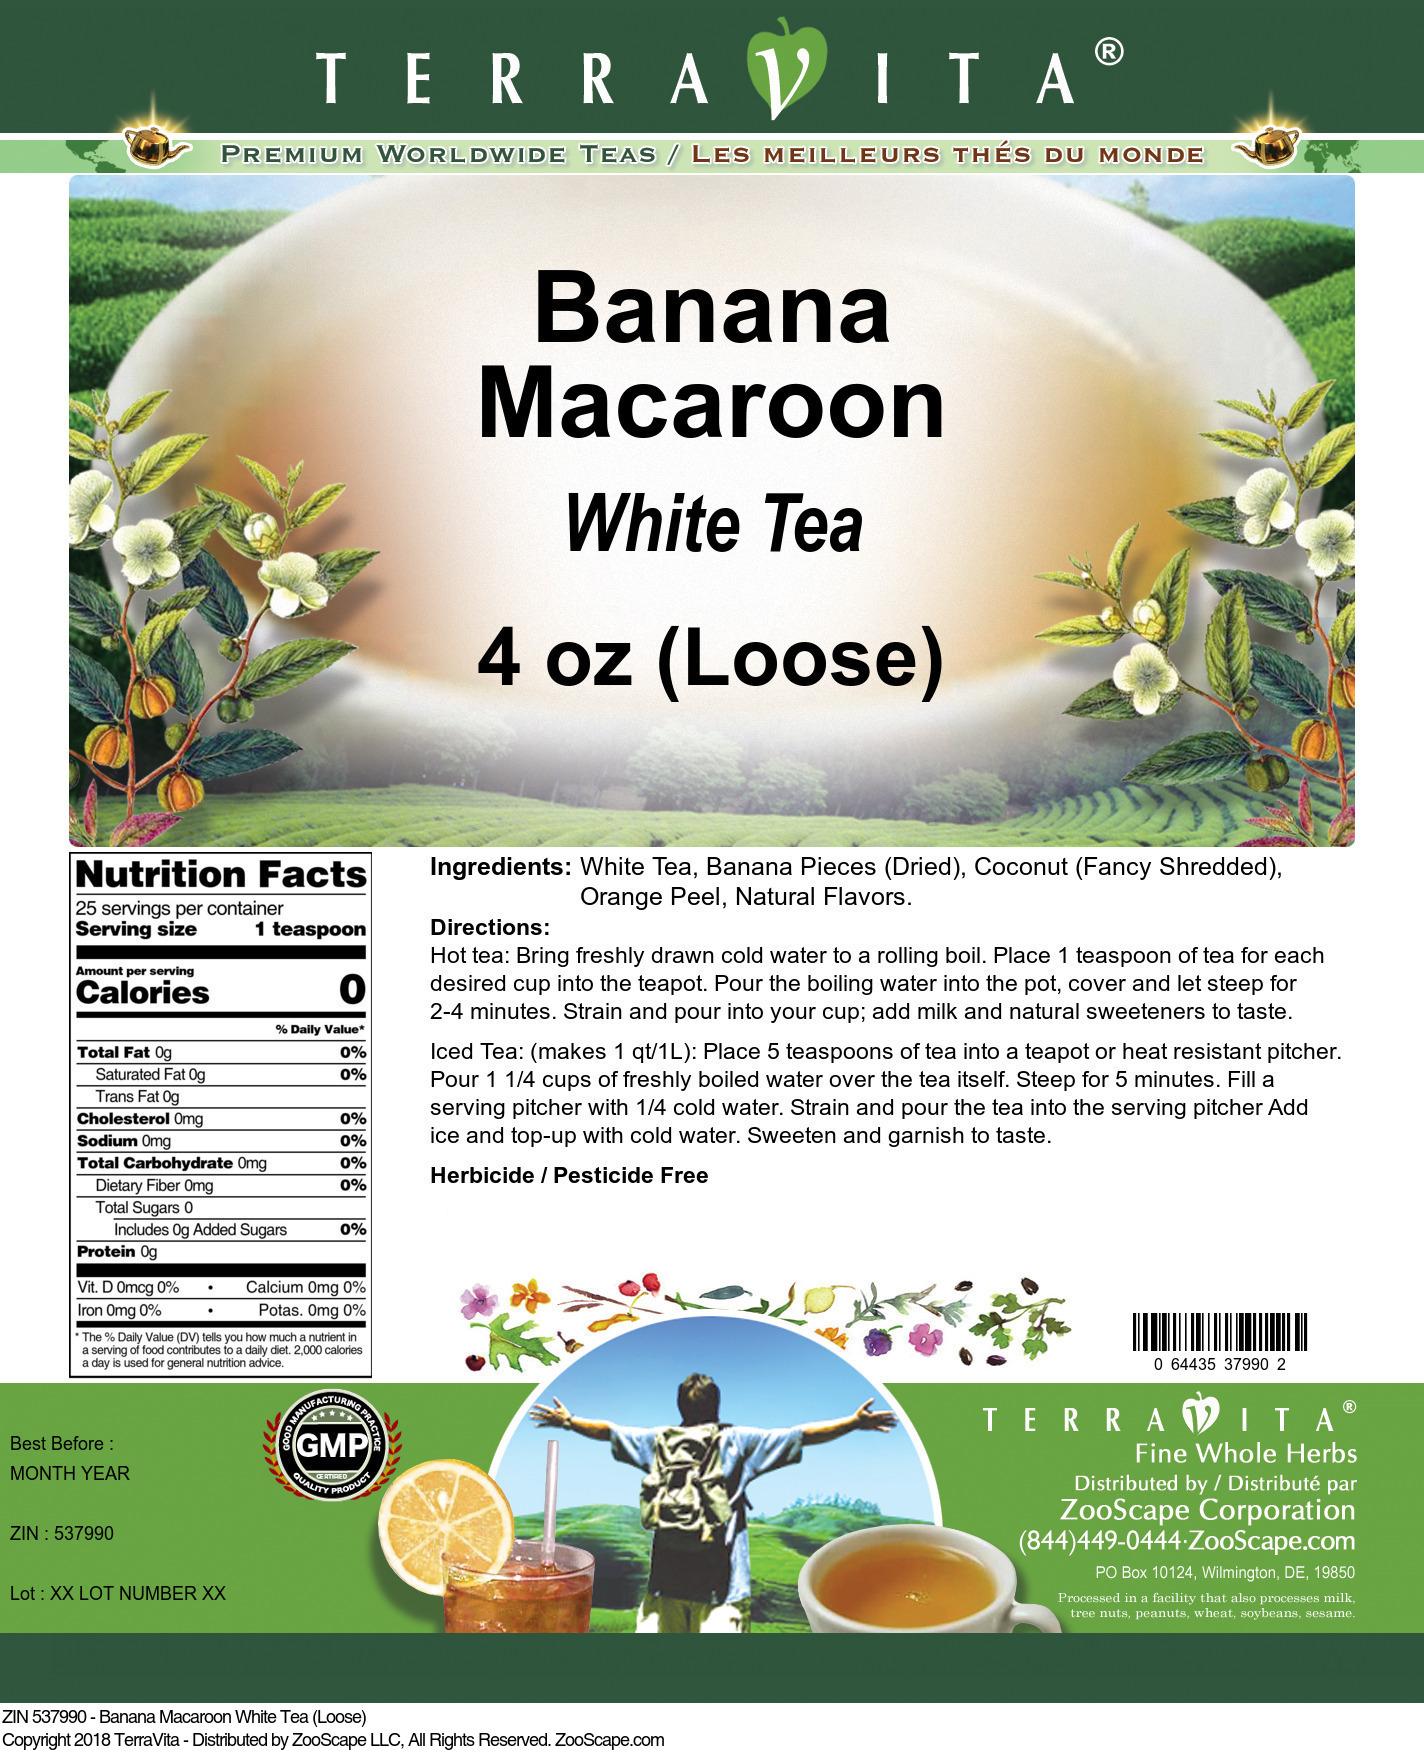 Banana Macaroon White Tea